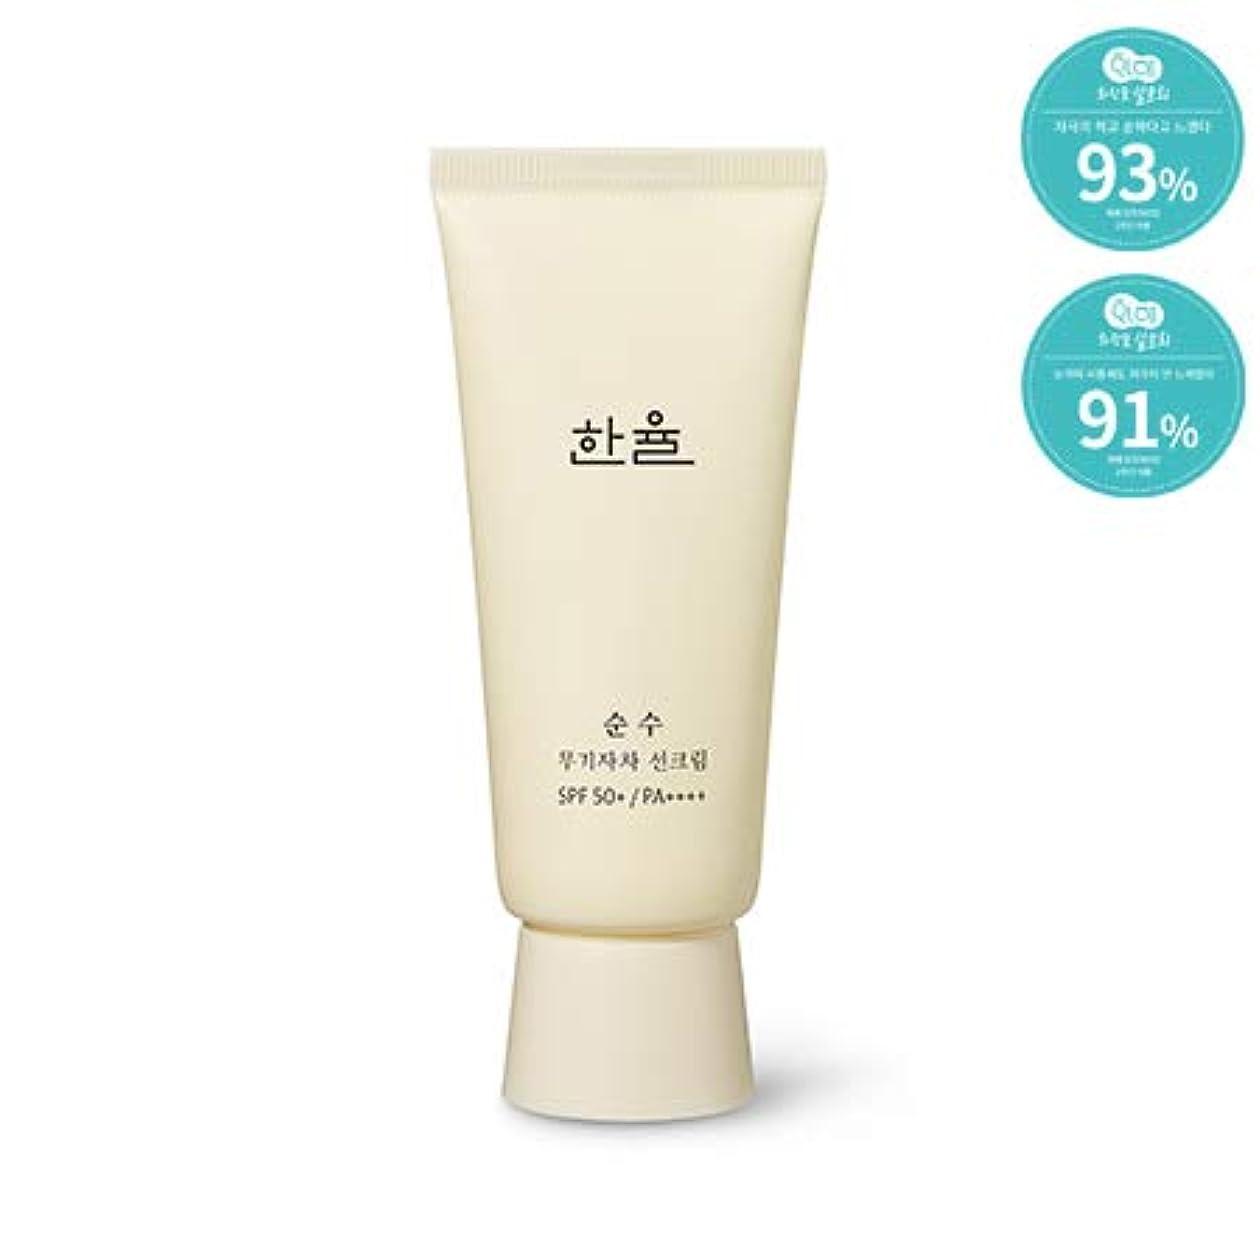 種本当のことを言うと球状[ハンユル.HANYUL]純粋な鉱物紫外線日焼け止めSPF50+/ PA++++ Hanyul Pure Sunscreen Cream SPF50+/ PA++++